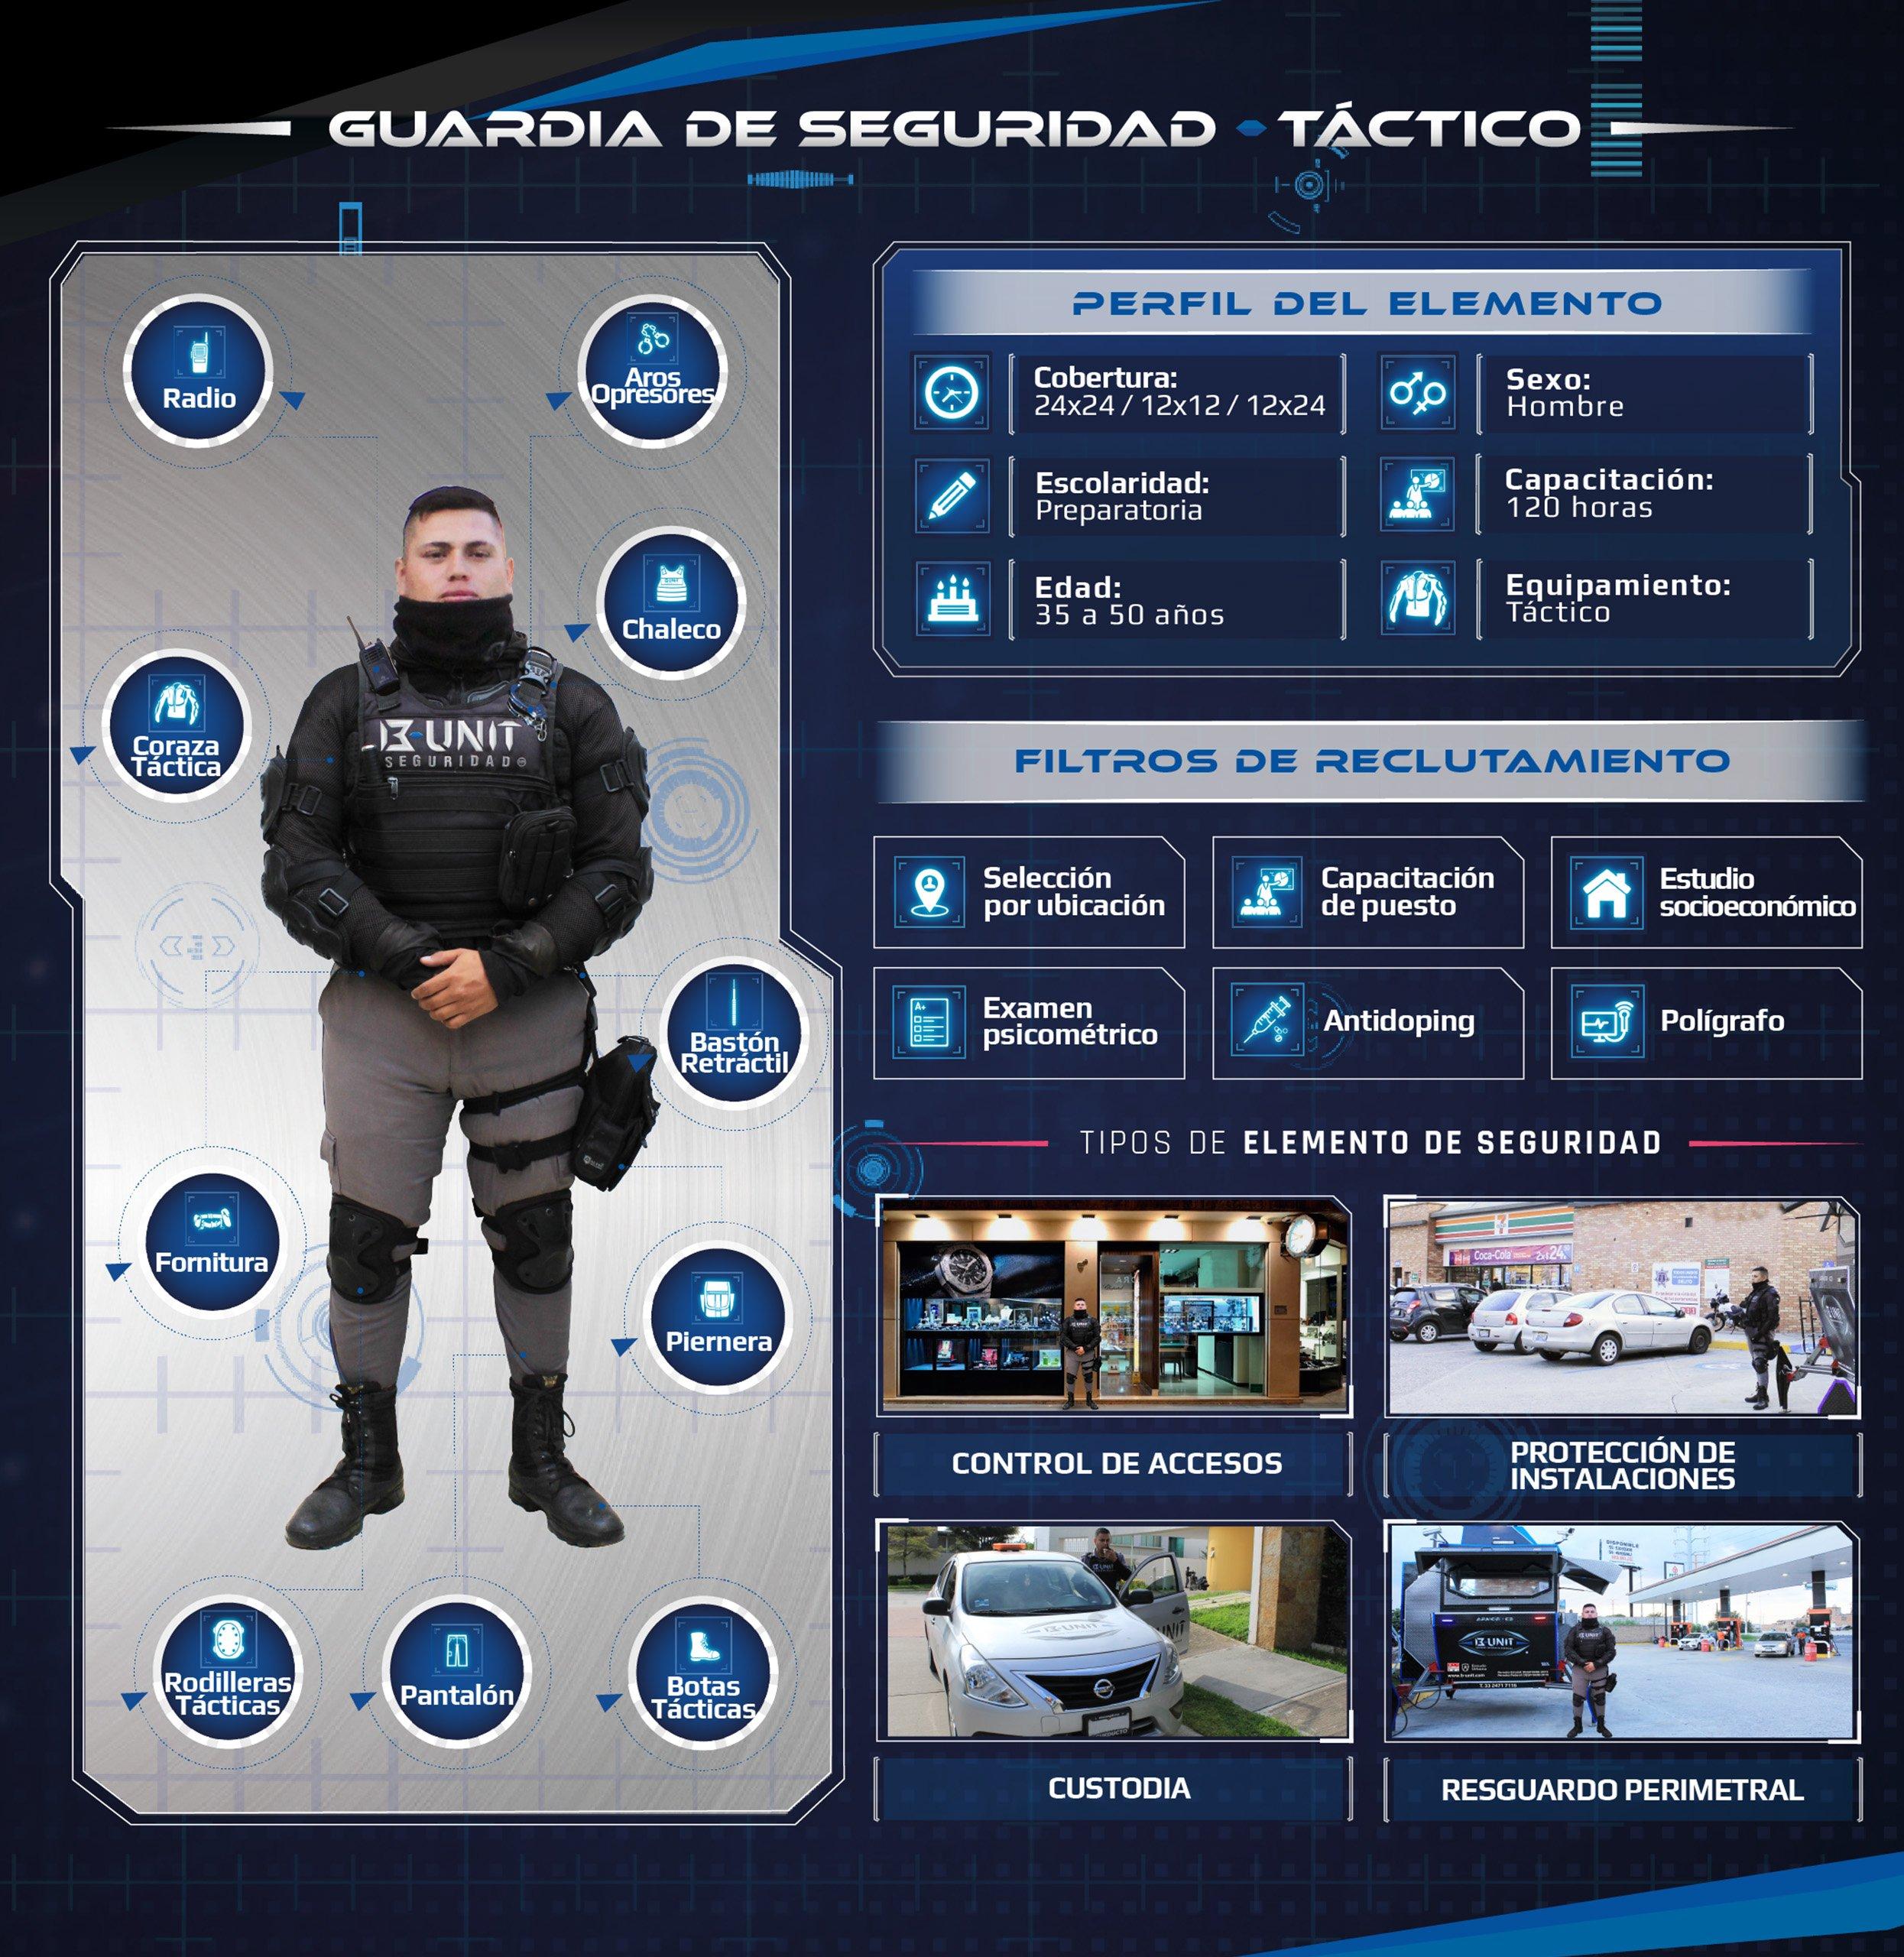 Guardias de Seguridad Táctico